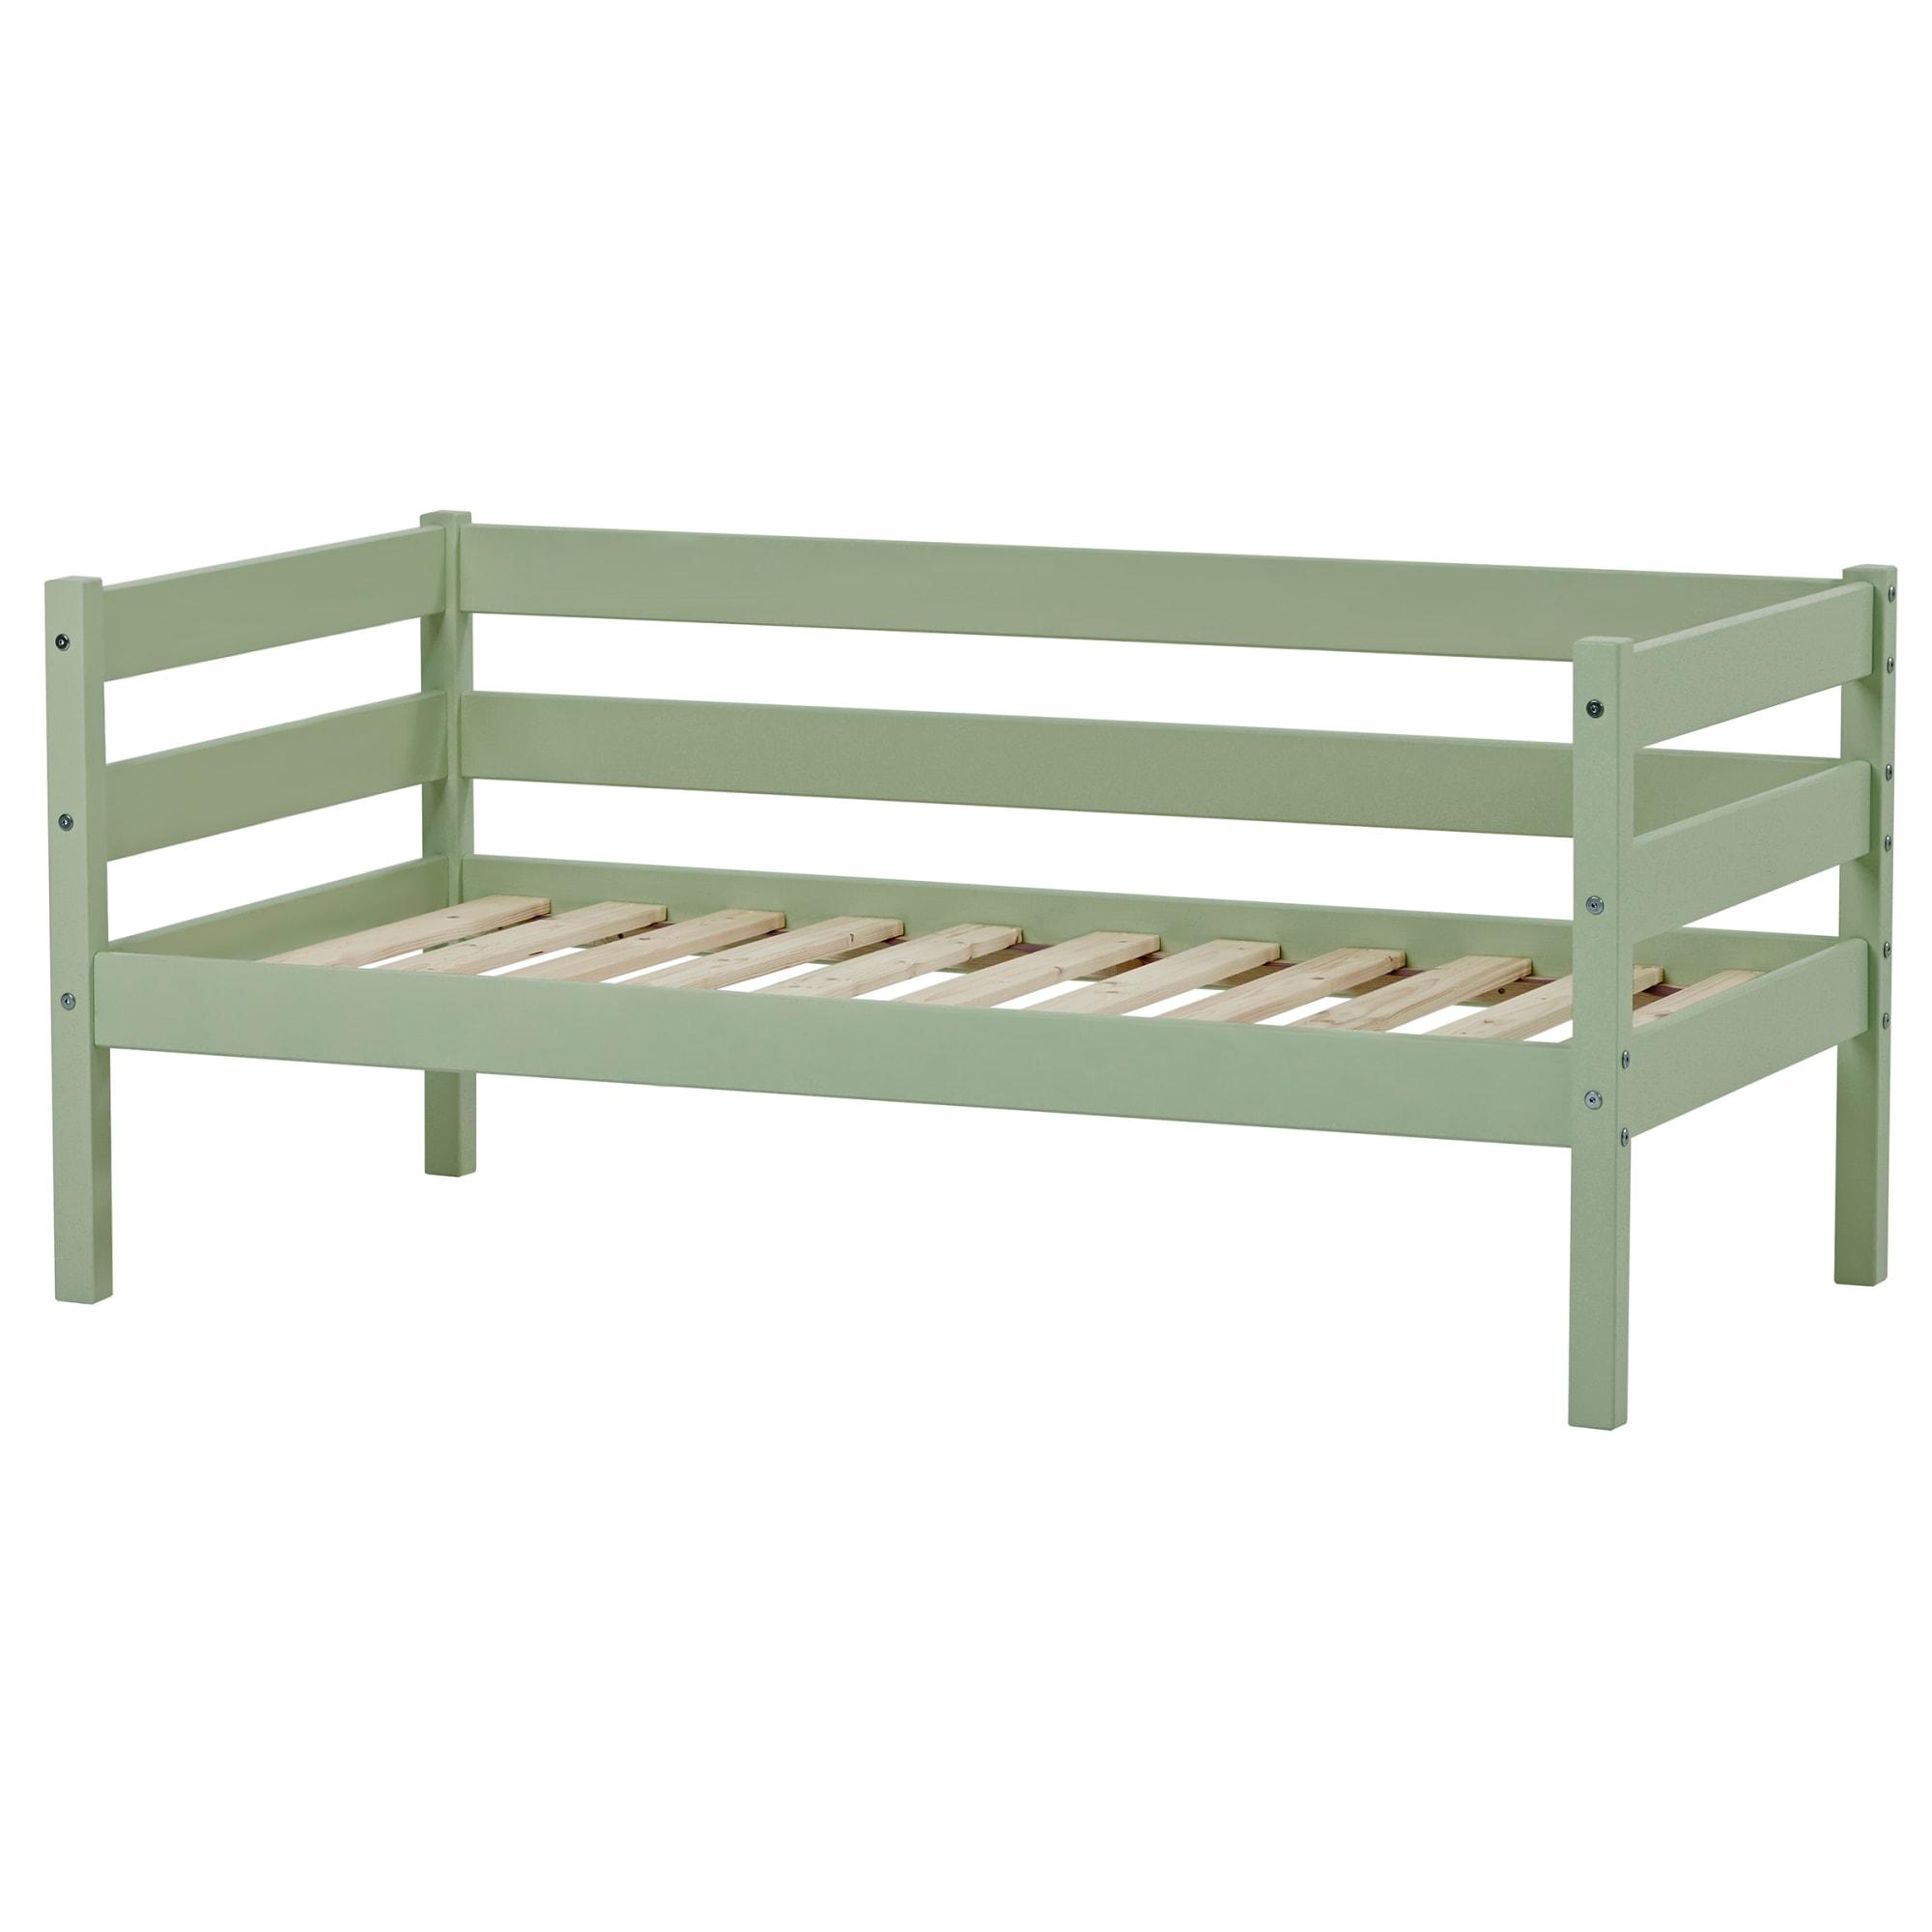 70 x 160 cm - Svanemærket seng til junior